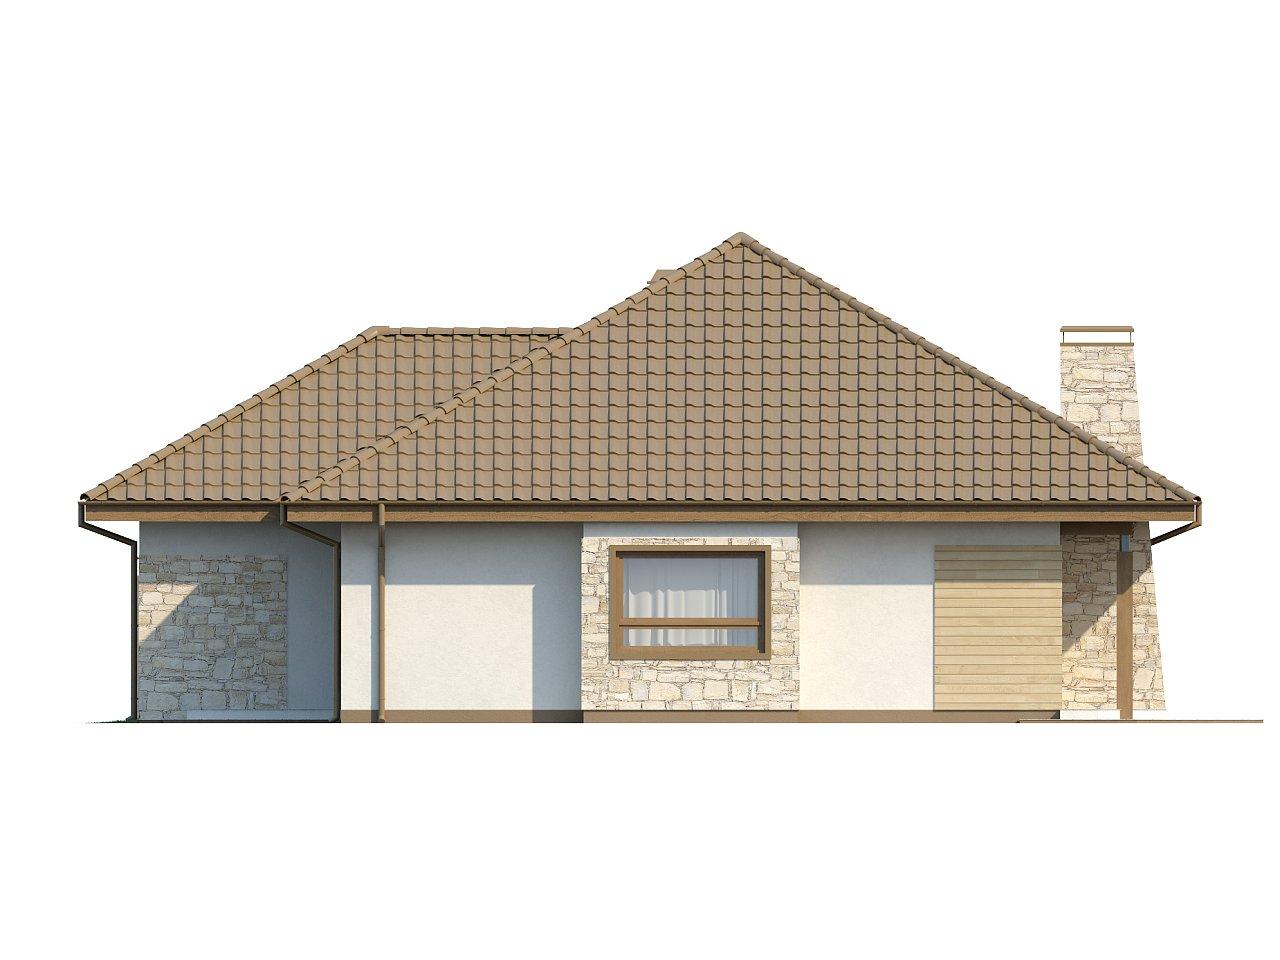 Одноэтажный удобный дом с фронтальным гаражом, с возможностью обустройства мансарды. - фото 17